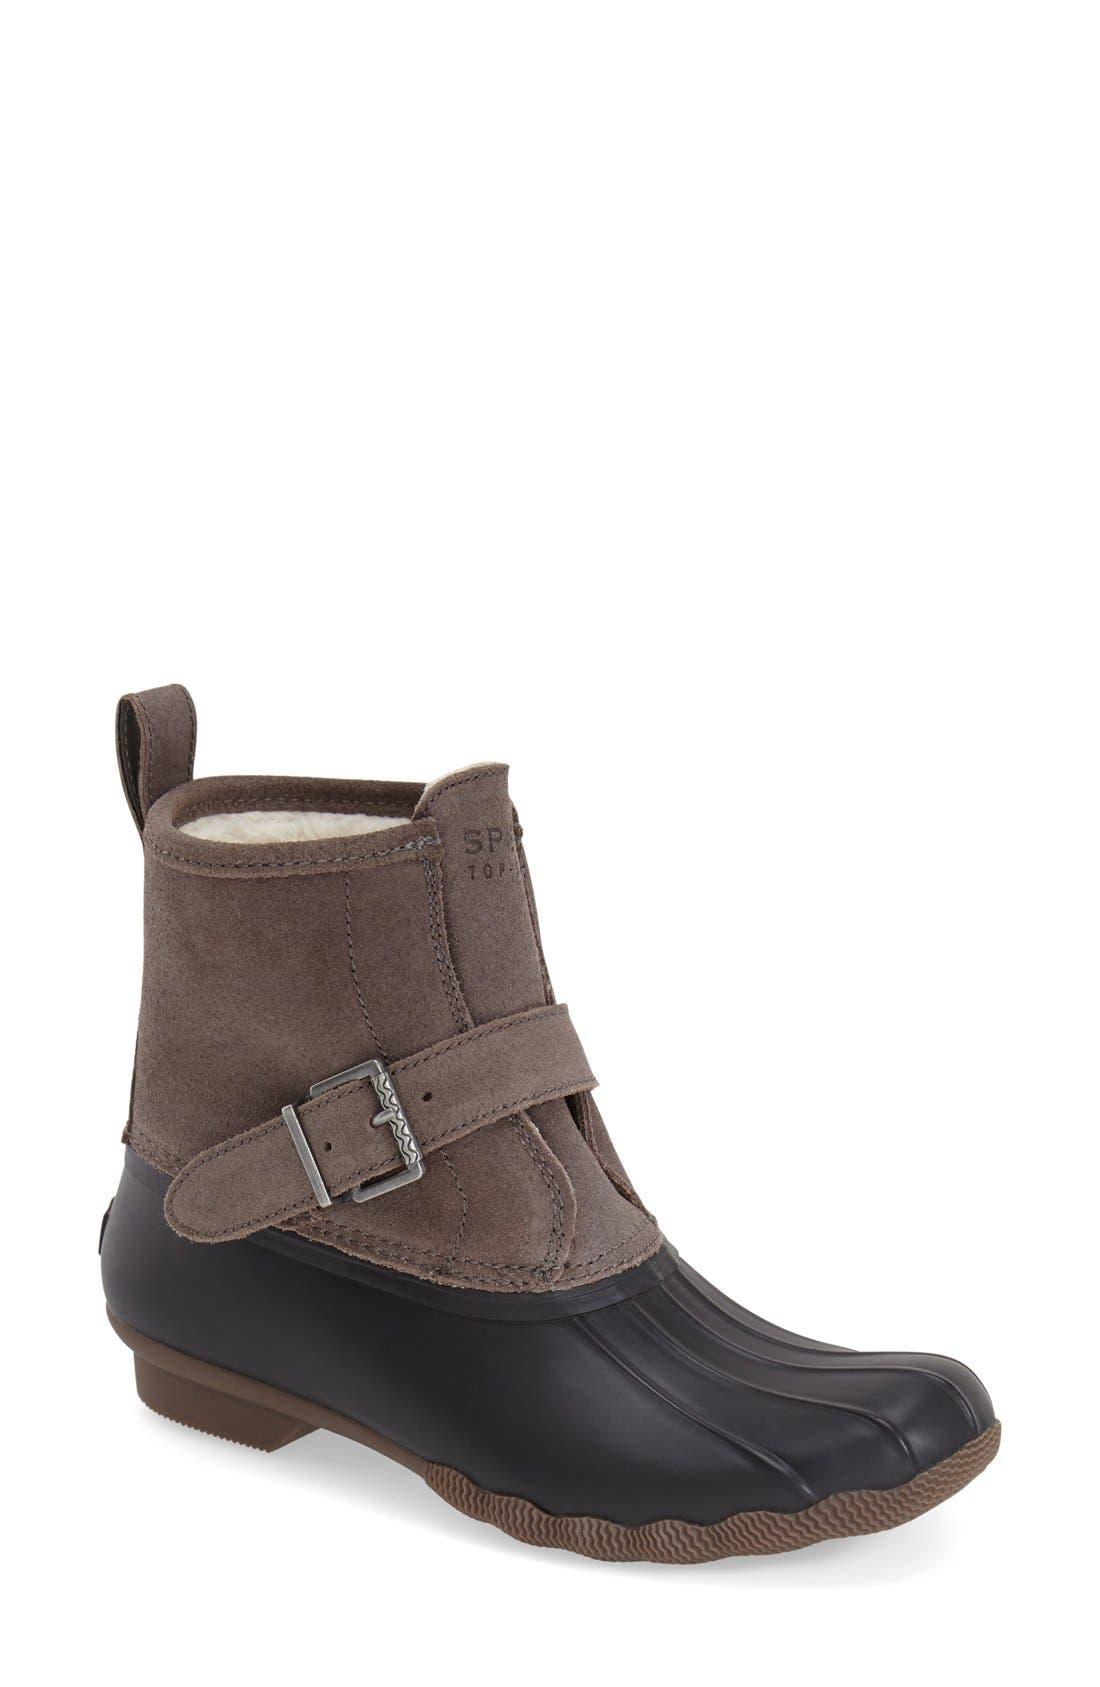 'Rip Water' Rain Boot, Main, color, 001